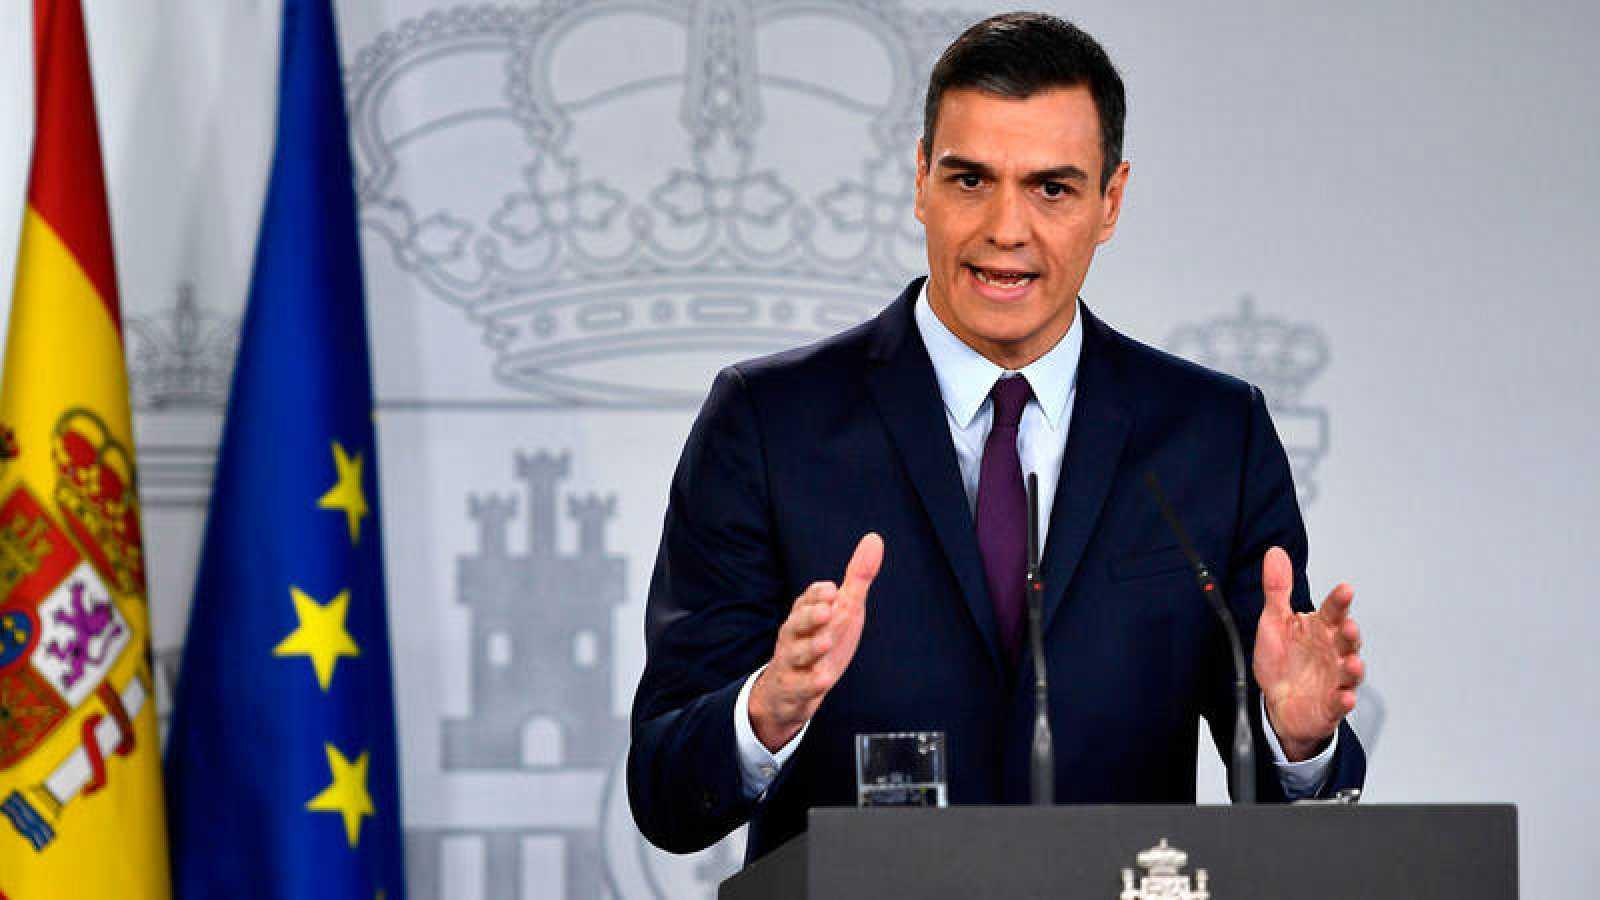 Pedro Sánchez - Rueda de Prensa | Elecciones 28-A ?w=1600&i=1550244852884